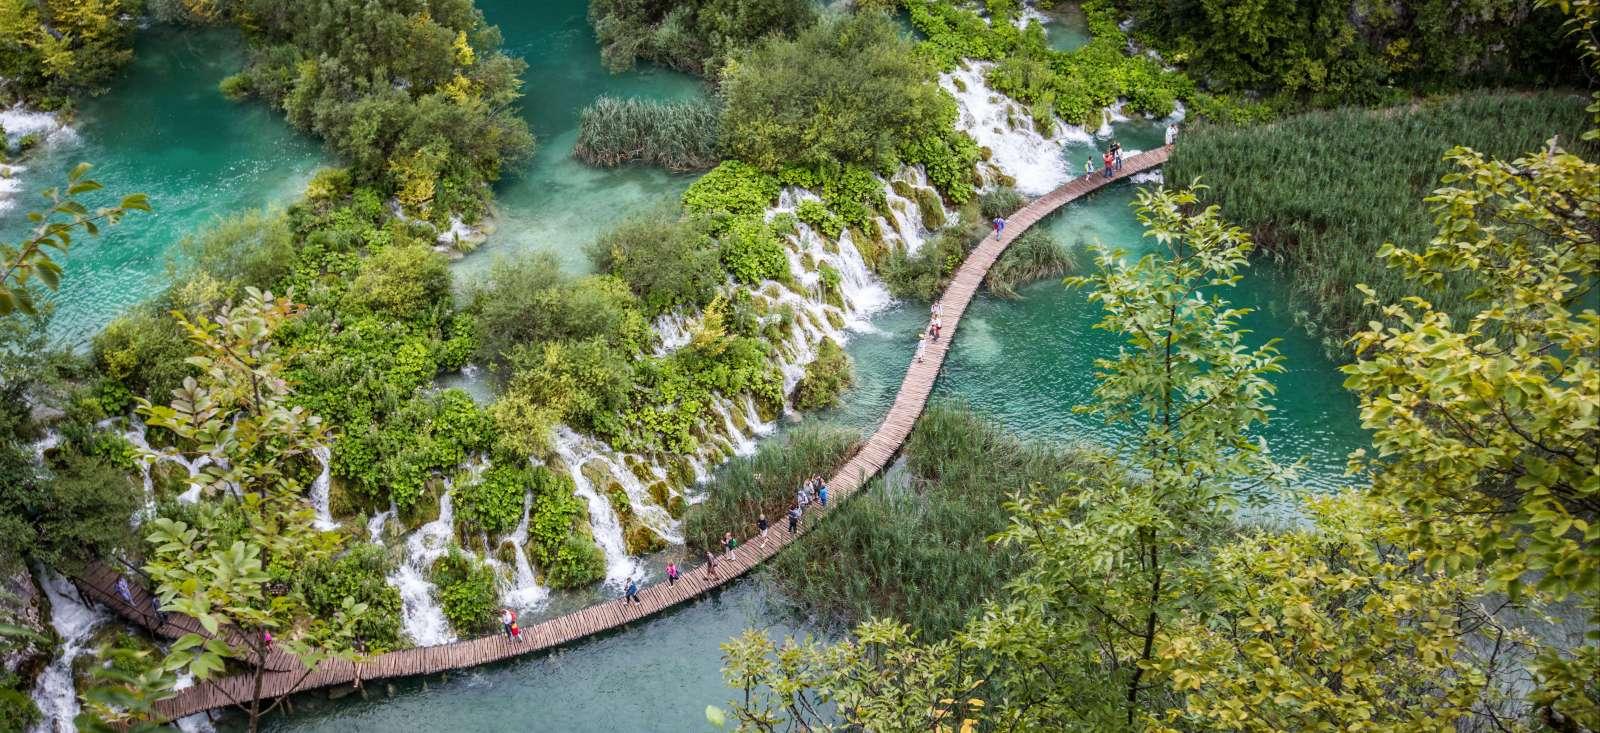 Voyage à pied : Découverte des Parcs Nationaux